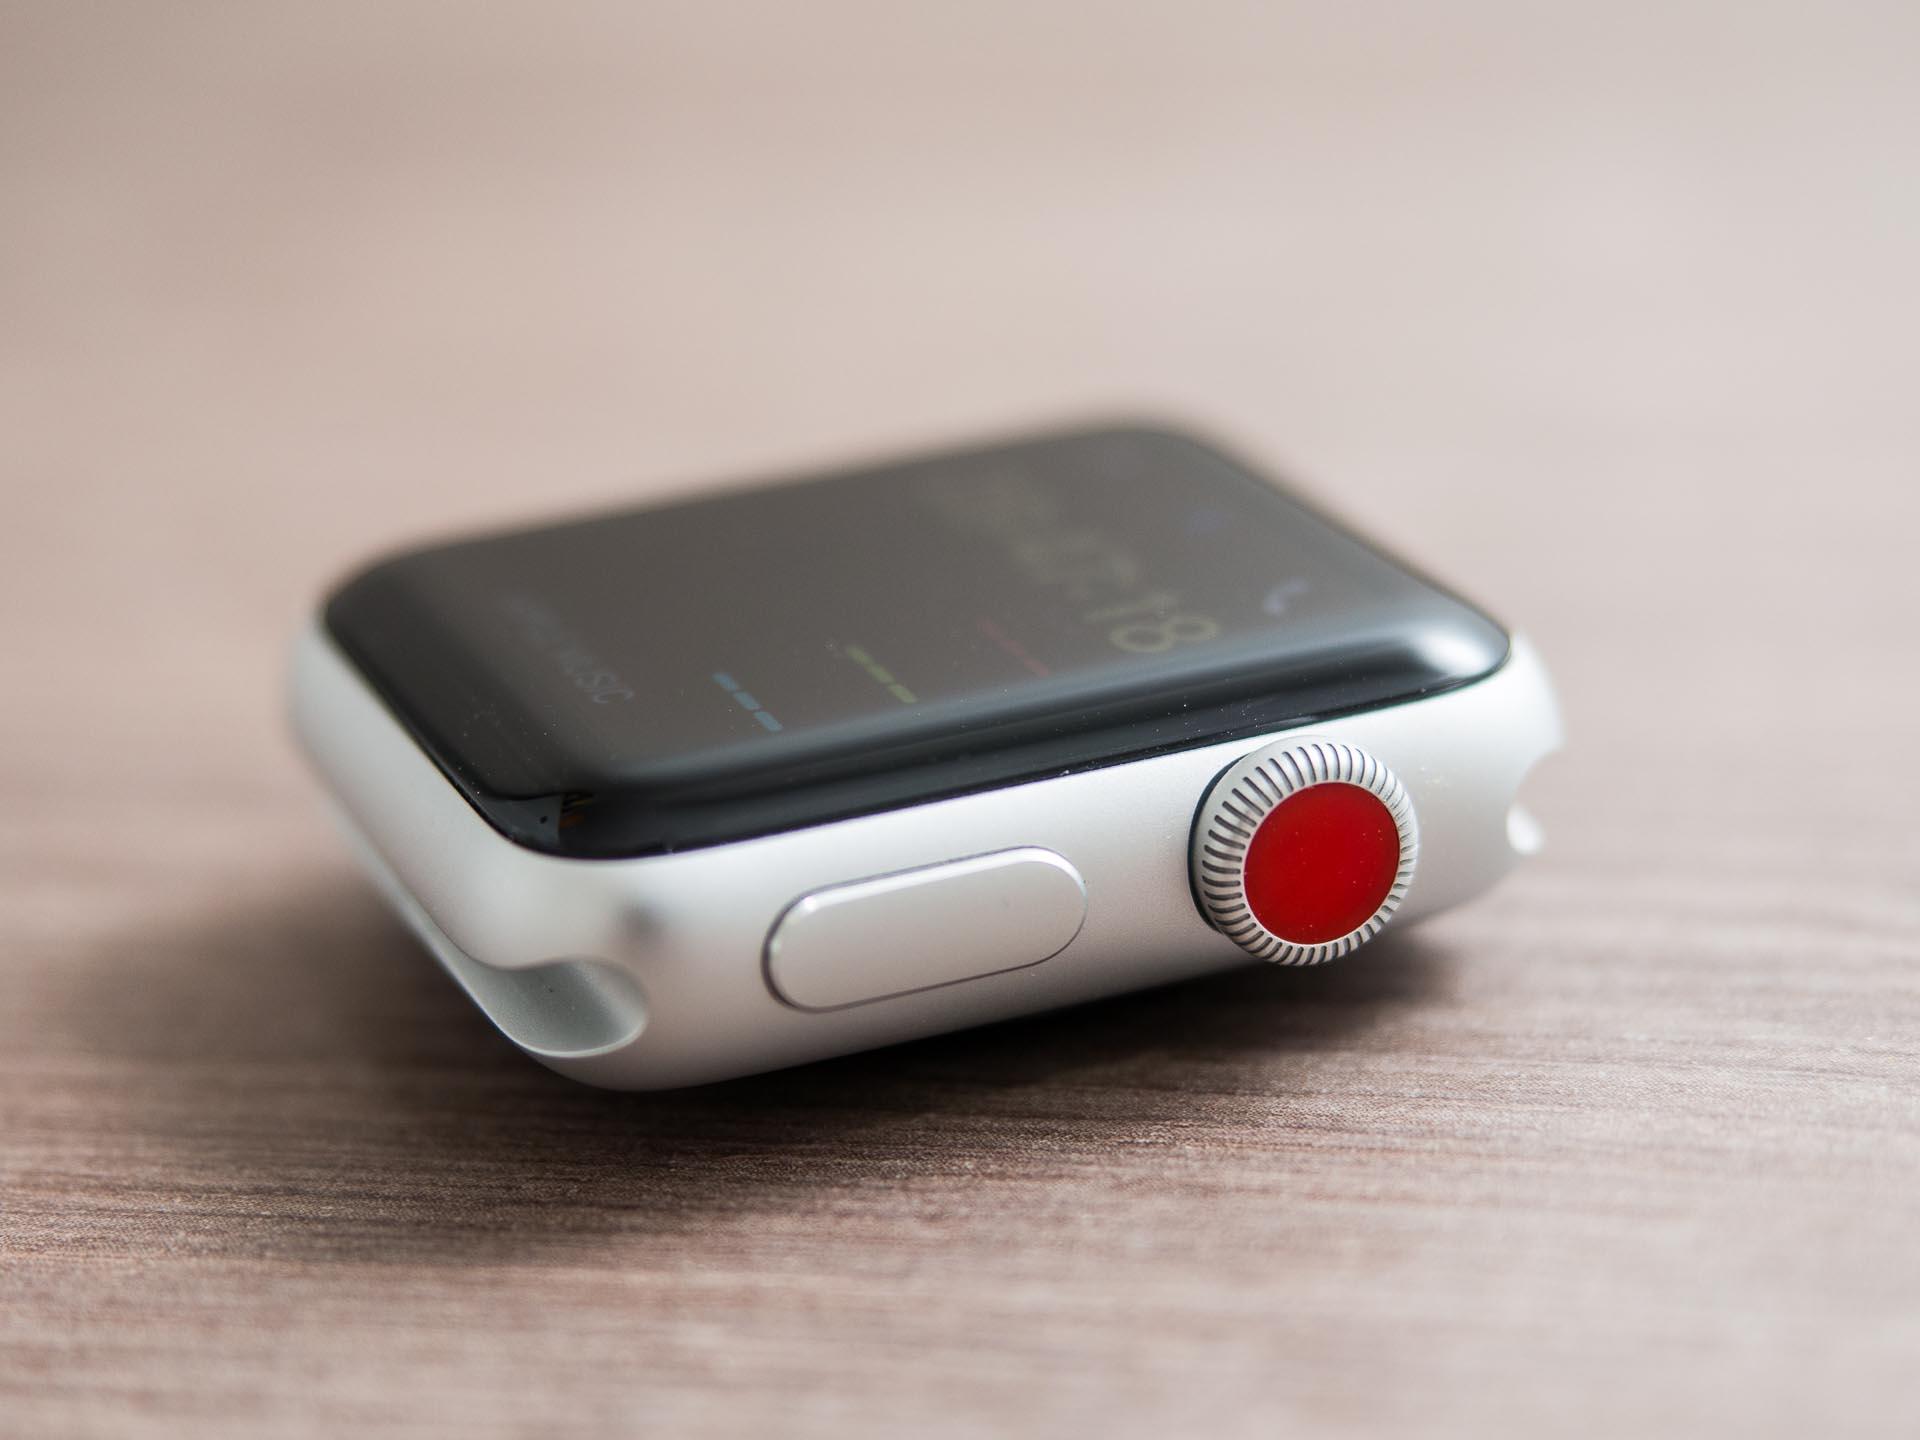 apple watch 3 mit lte das telefon f rs handgelenk im test. Black Bedroom Furniture Sets. Home Design Ideas